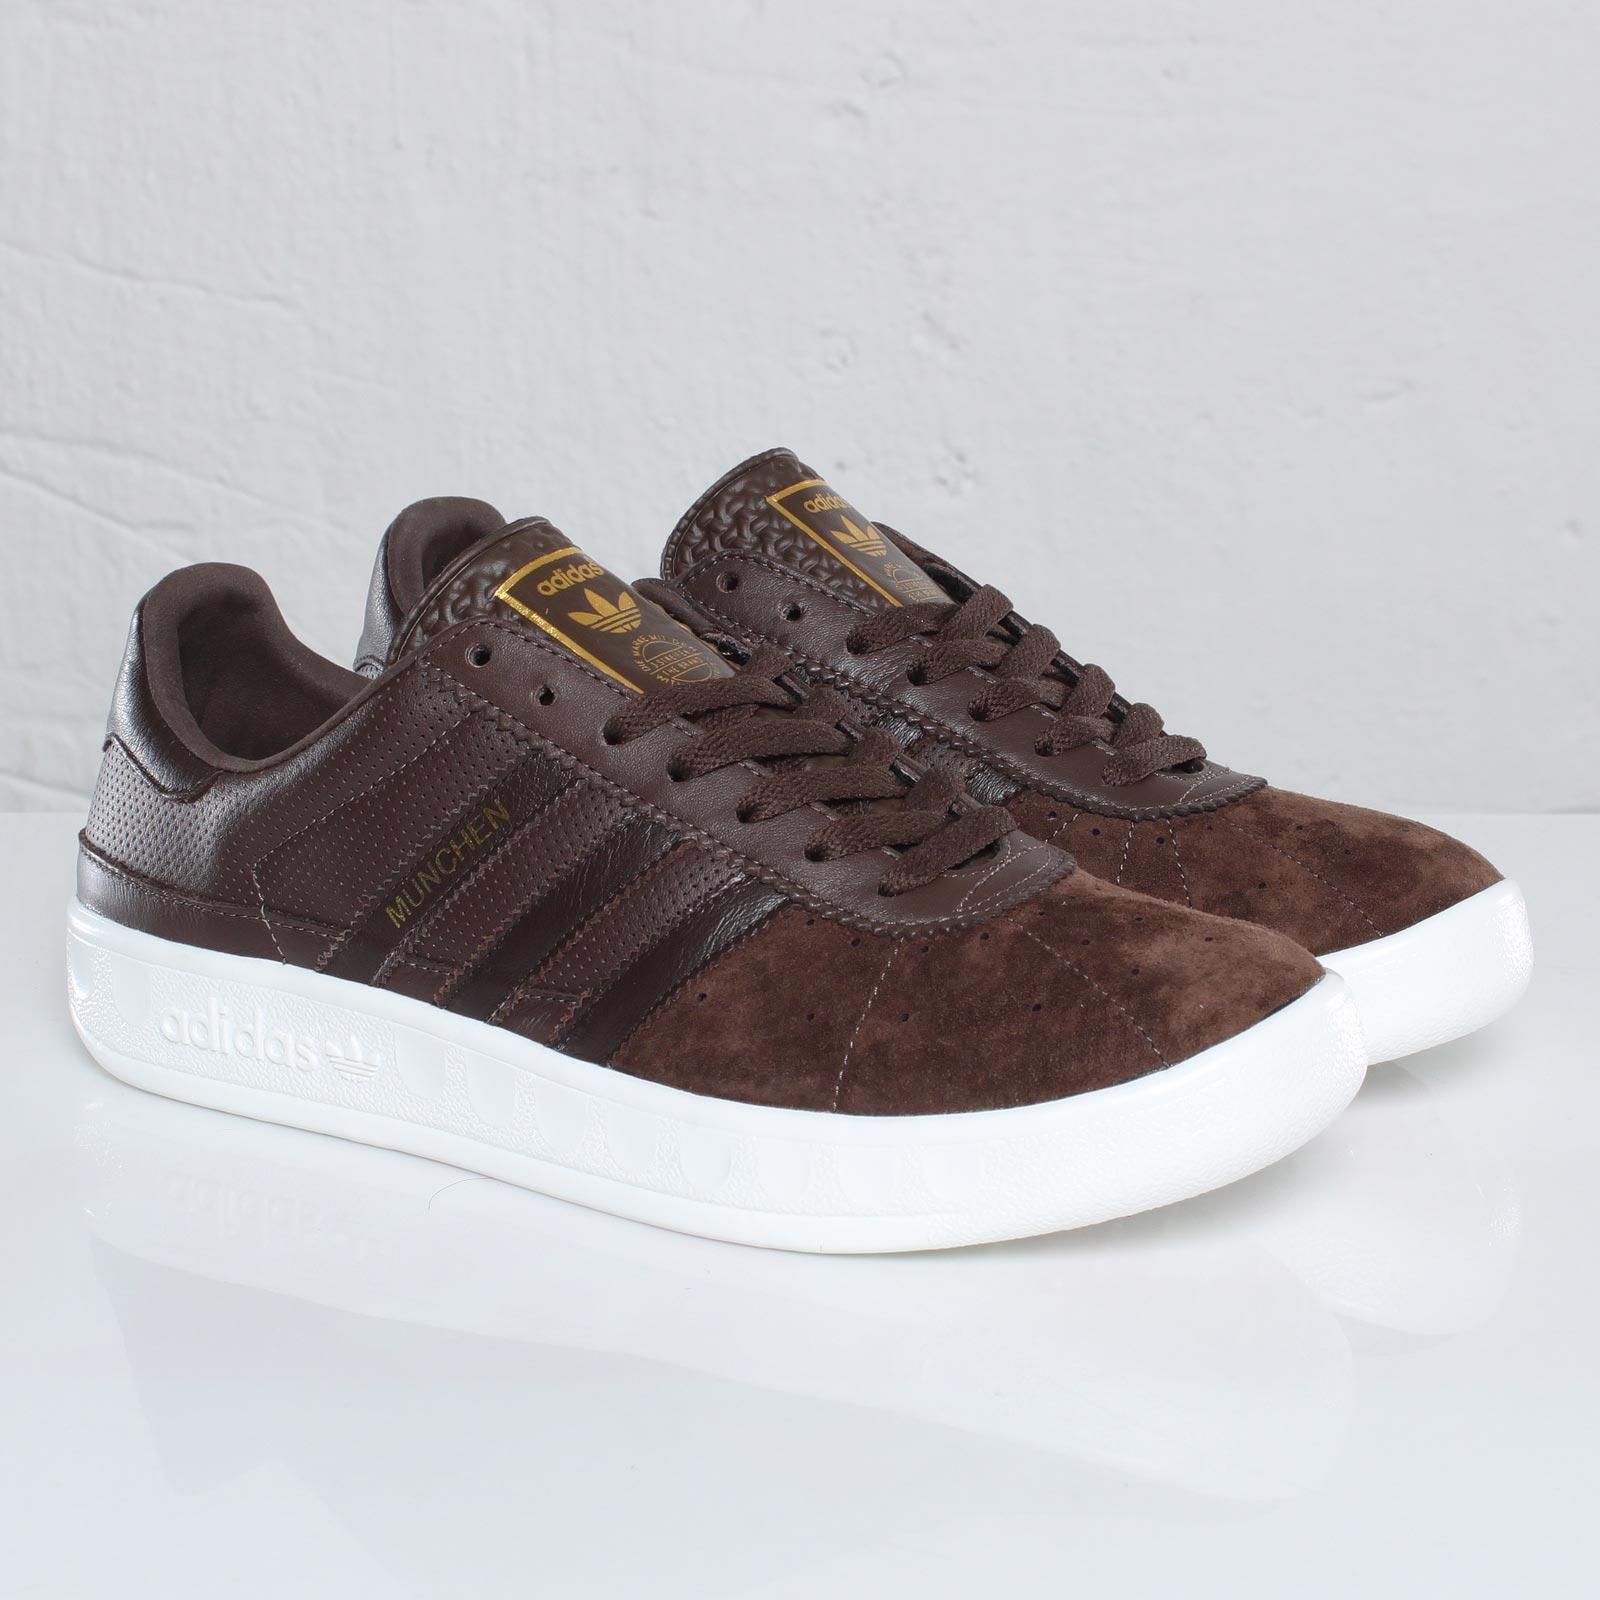 adidas München - 109323 - Sneakersnstuff  08a14a4bb825